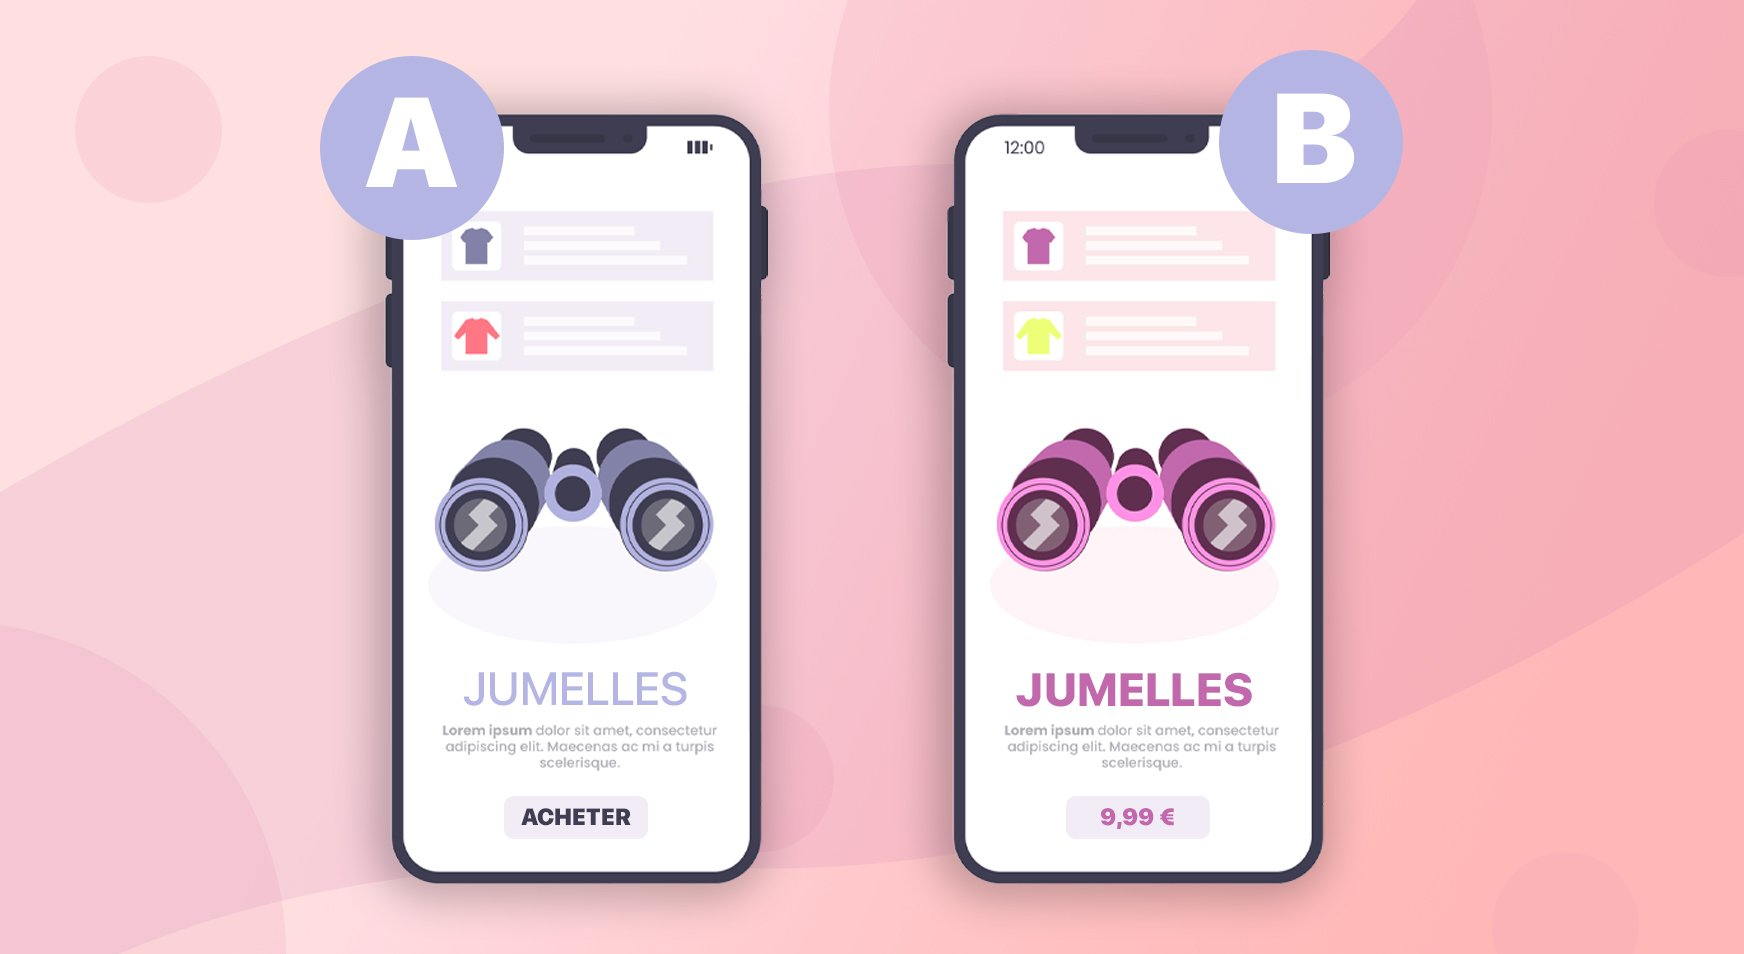 Exemple d'un test A/B pour une publicité sur des jumelles.